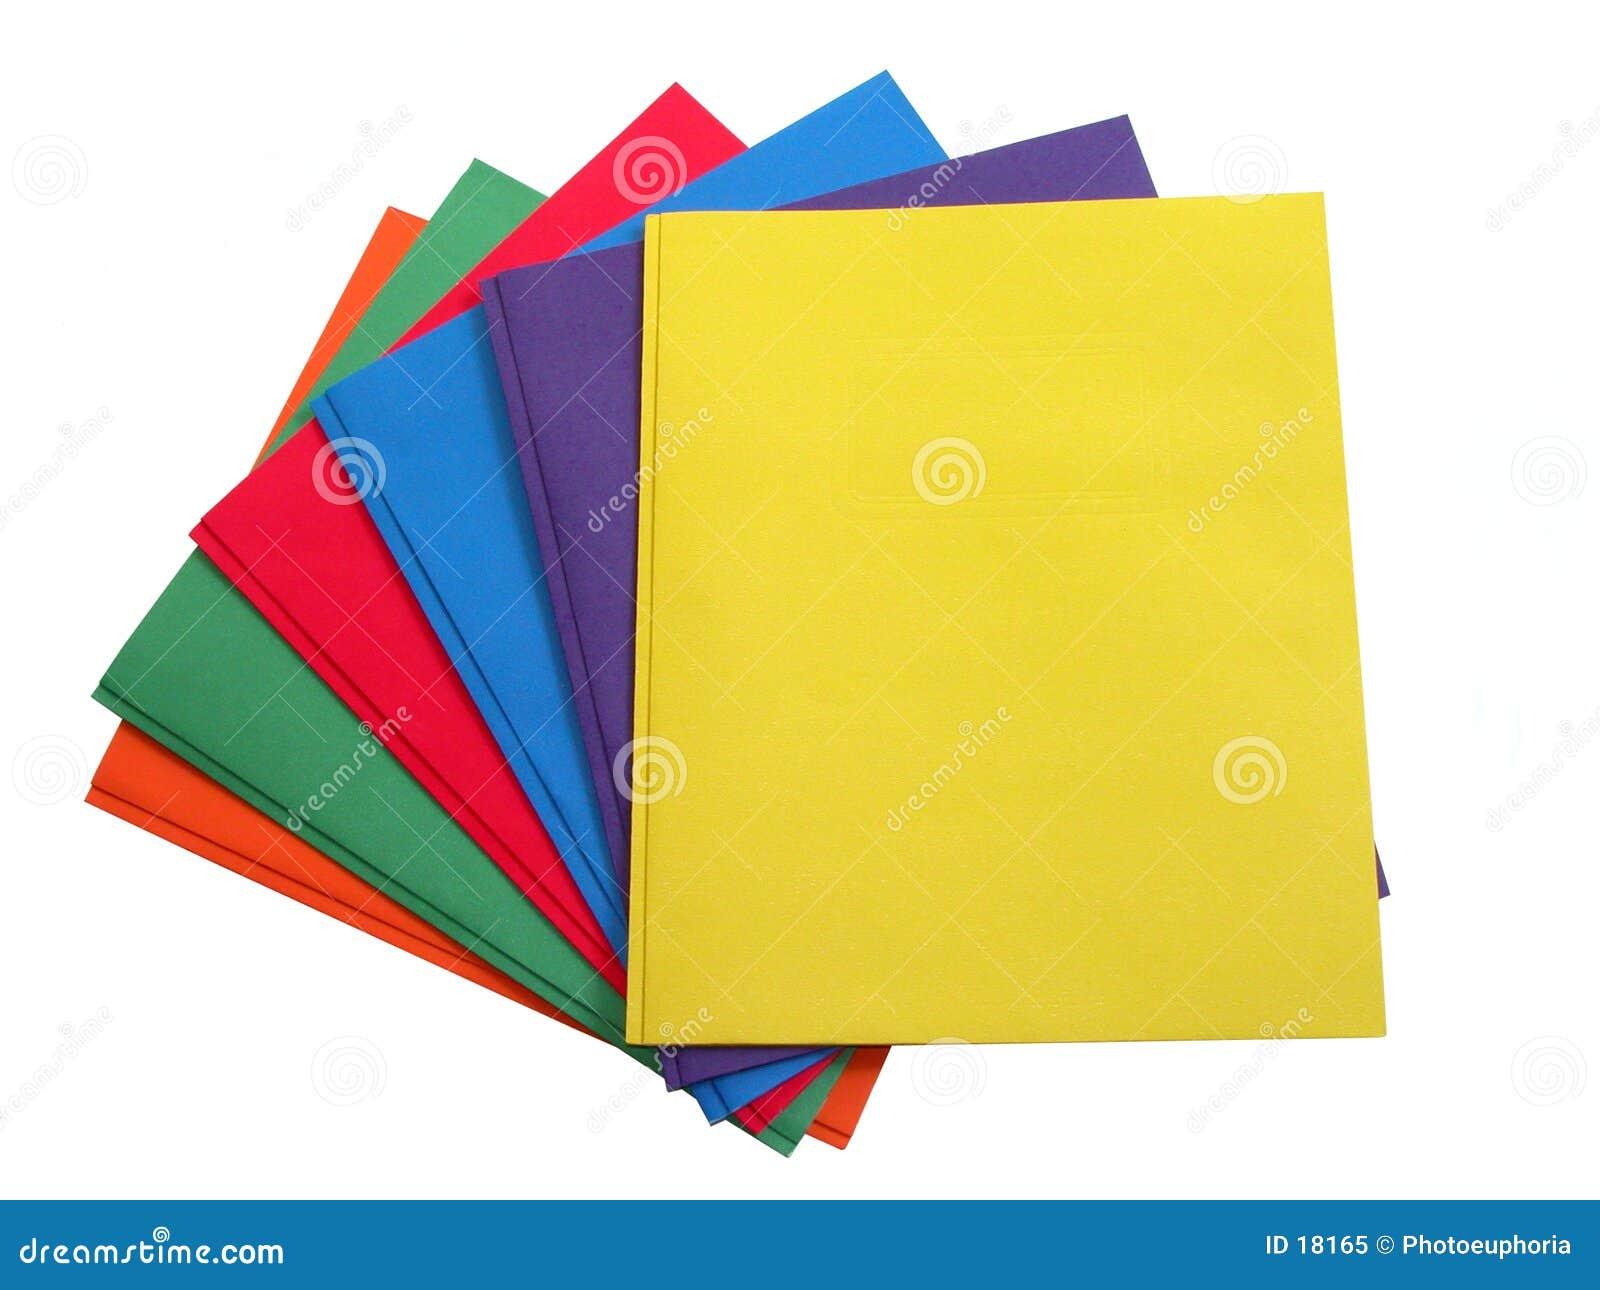 Schule u. Büro: Stapel multi farbige Faltblätter